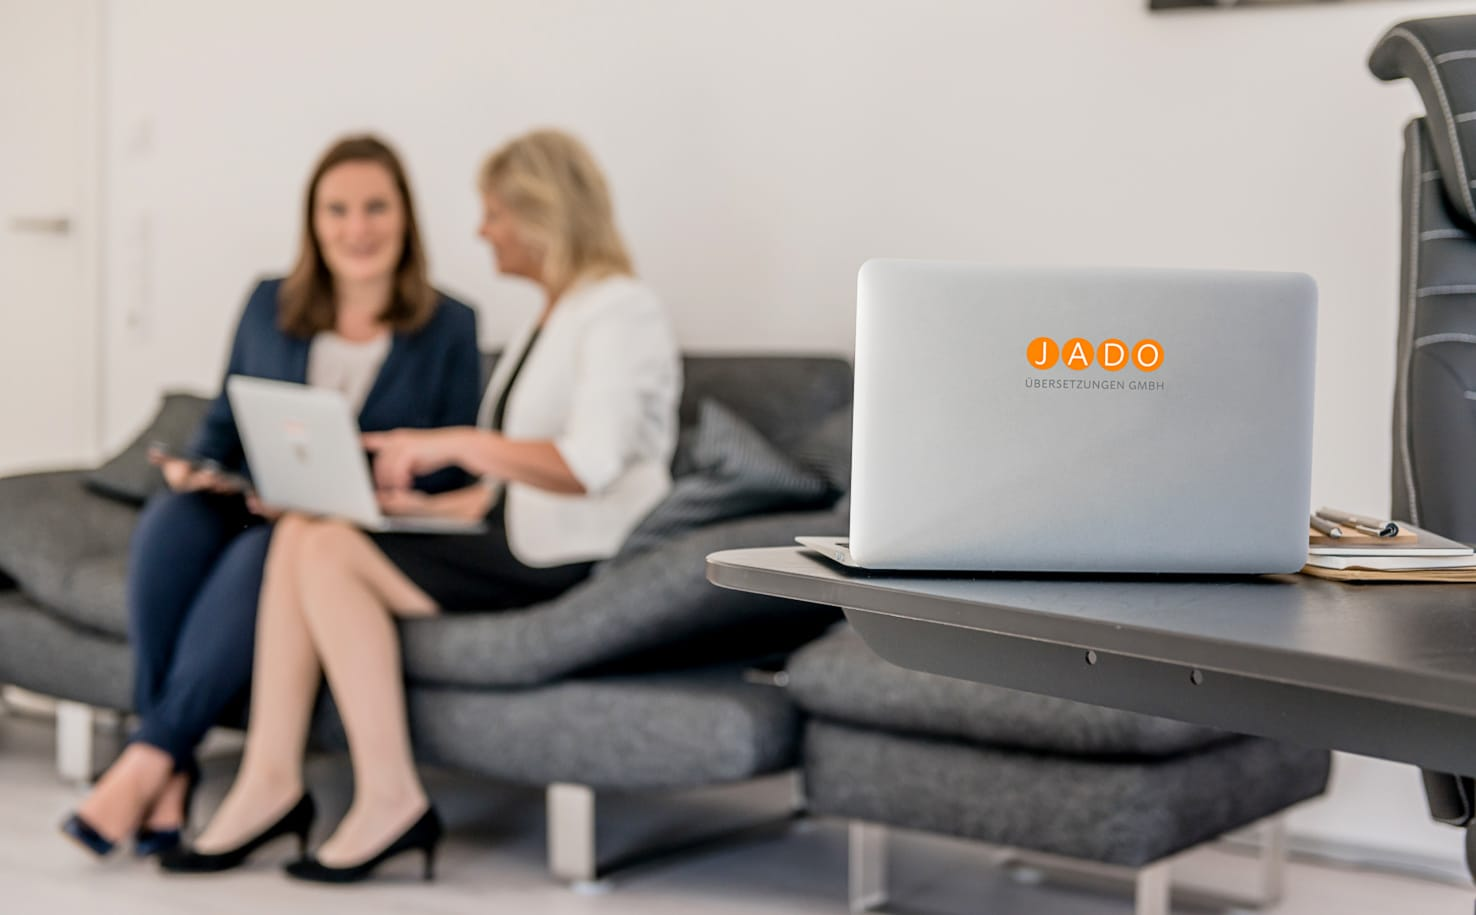 Jung und Wild design - Webdesign, Fotografie und Grafikdesign aus einer Hand - Rebranding von Jado Übersetzungen GmbH, Businessportraits, Webentwicklung & Logodesign